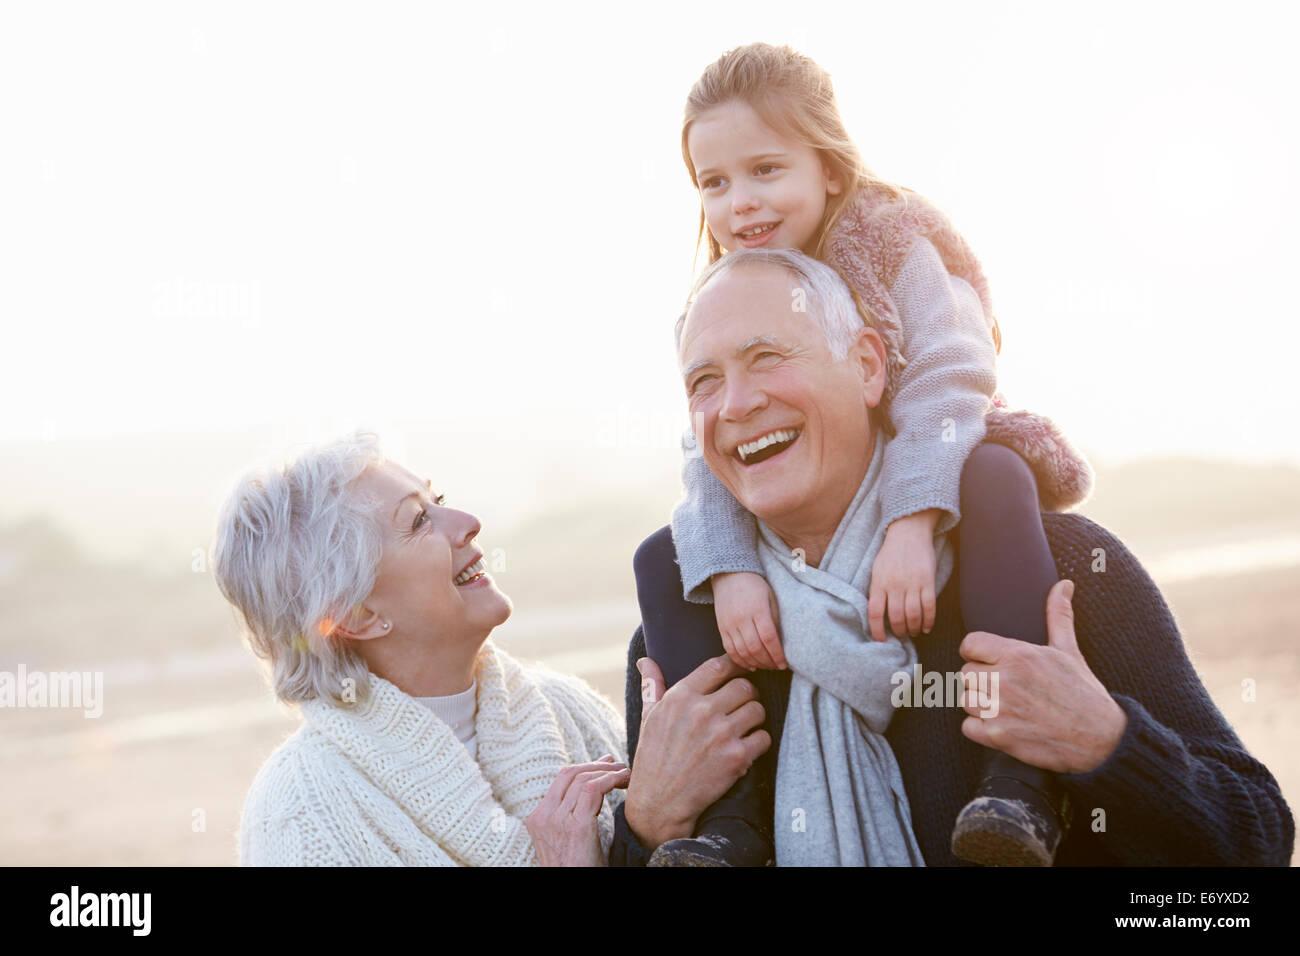 Nonni e nipote camminando sulla Spiaggia Invernale Immagini Stock